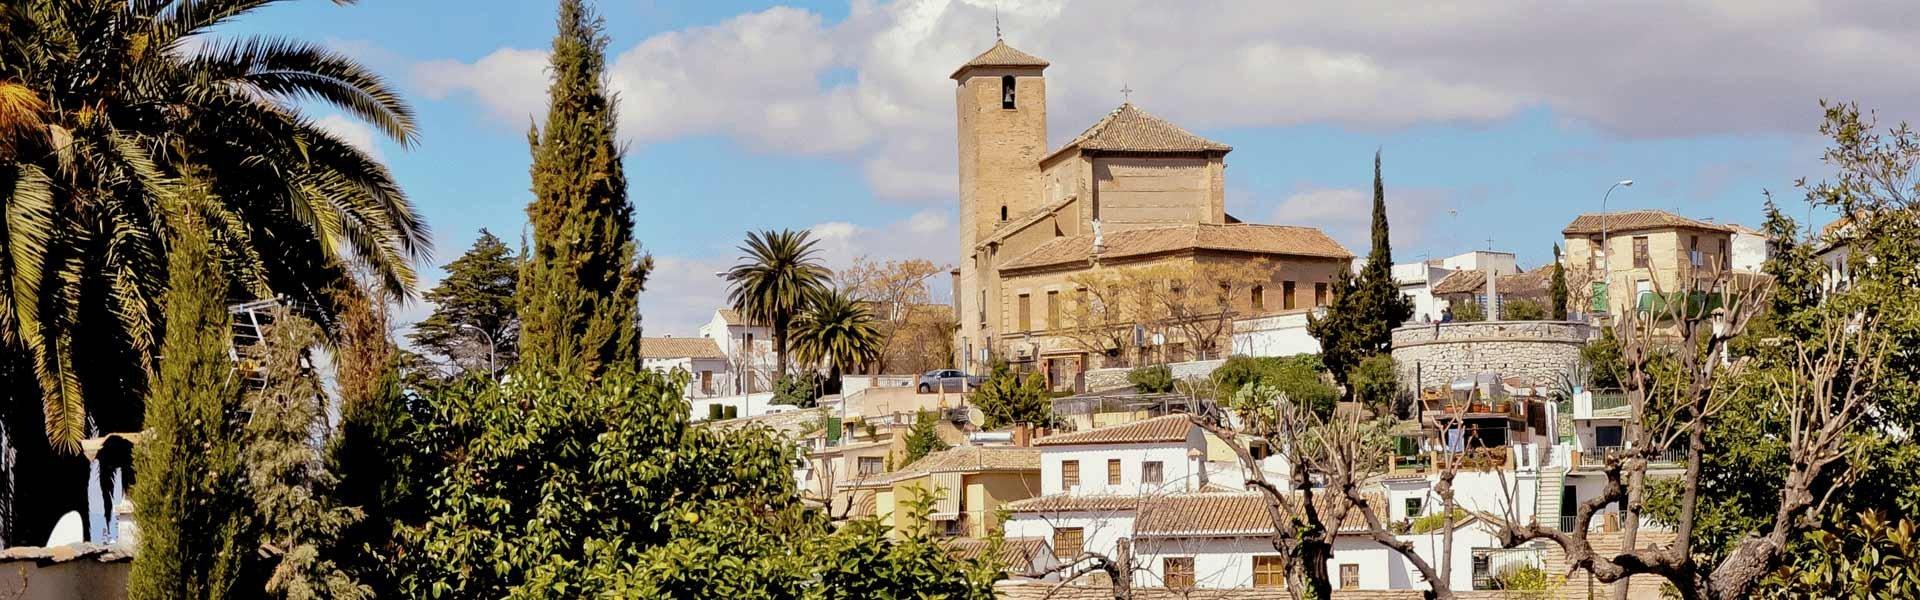 Bezoek het iglesia san cristobal in granada tijdens een camperreis door Spanje met Victoria CamperHolidays